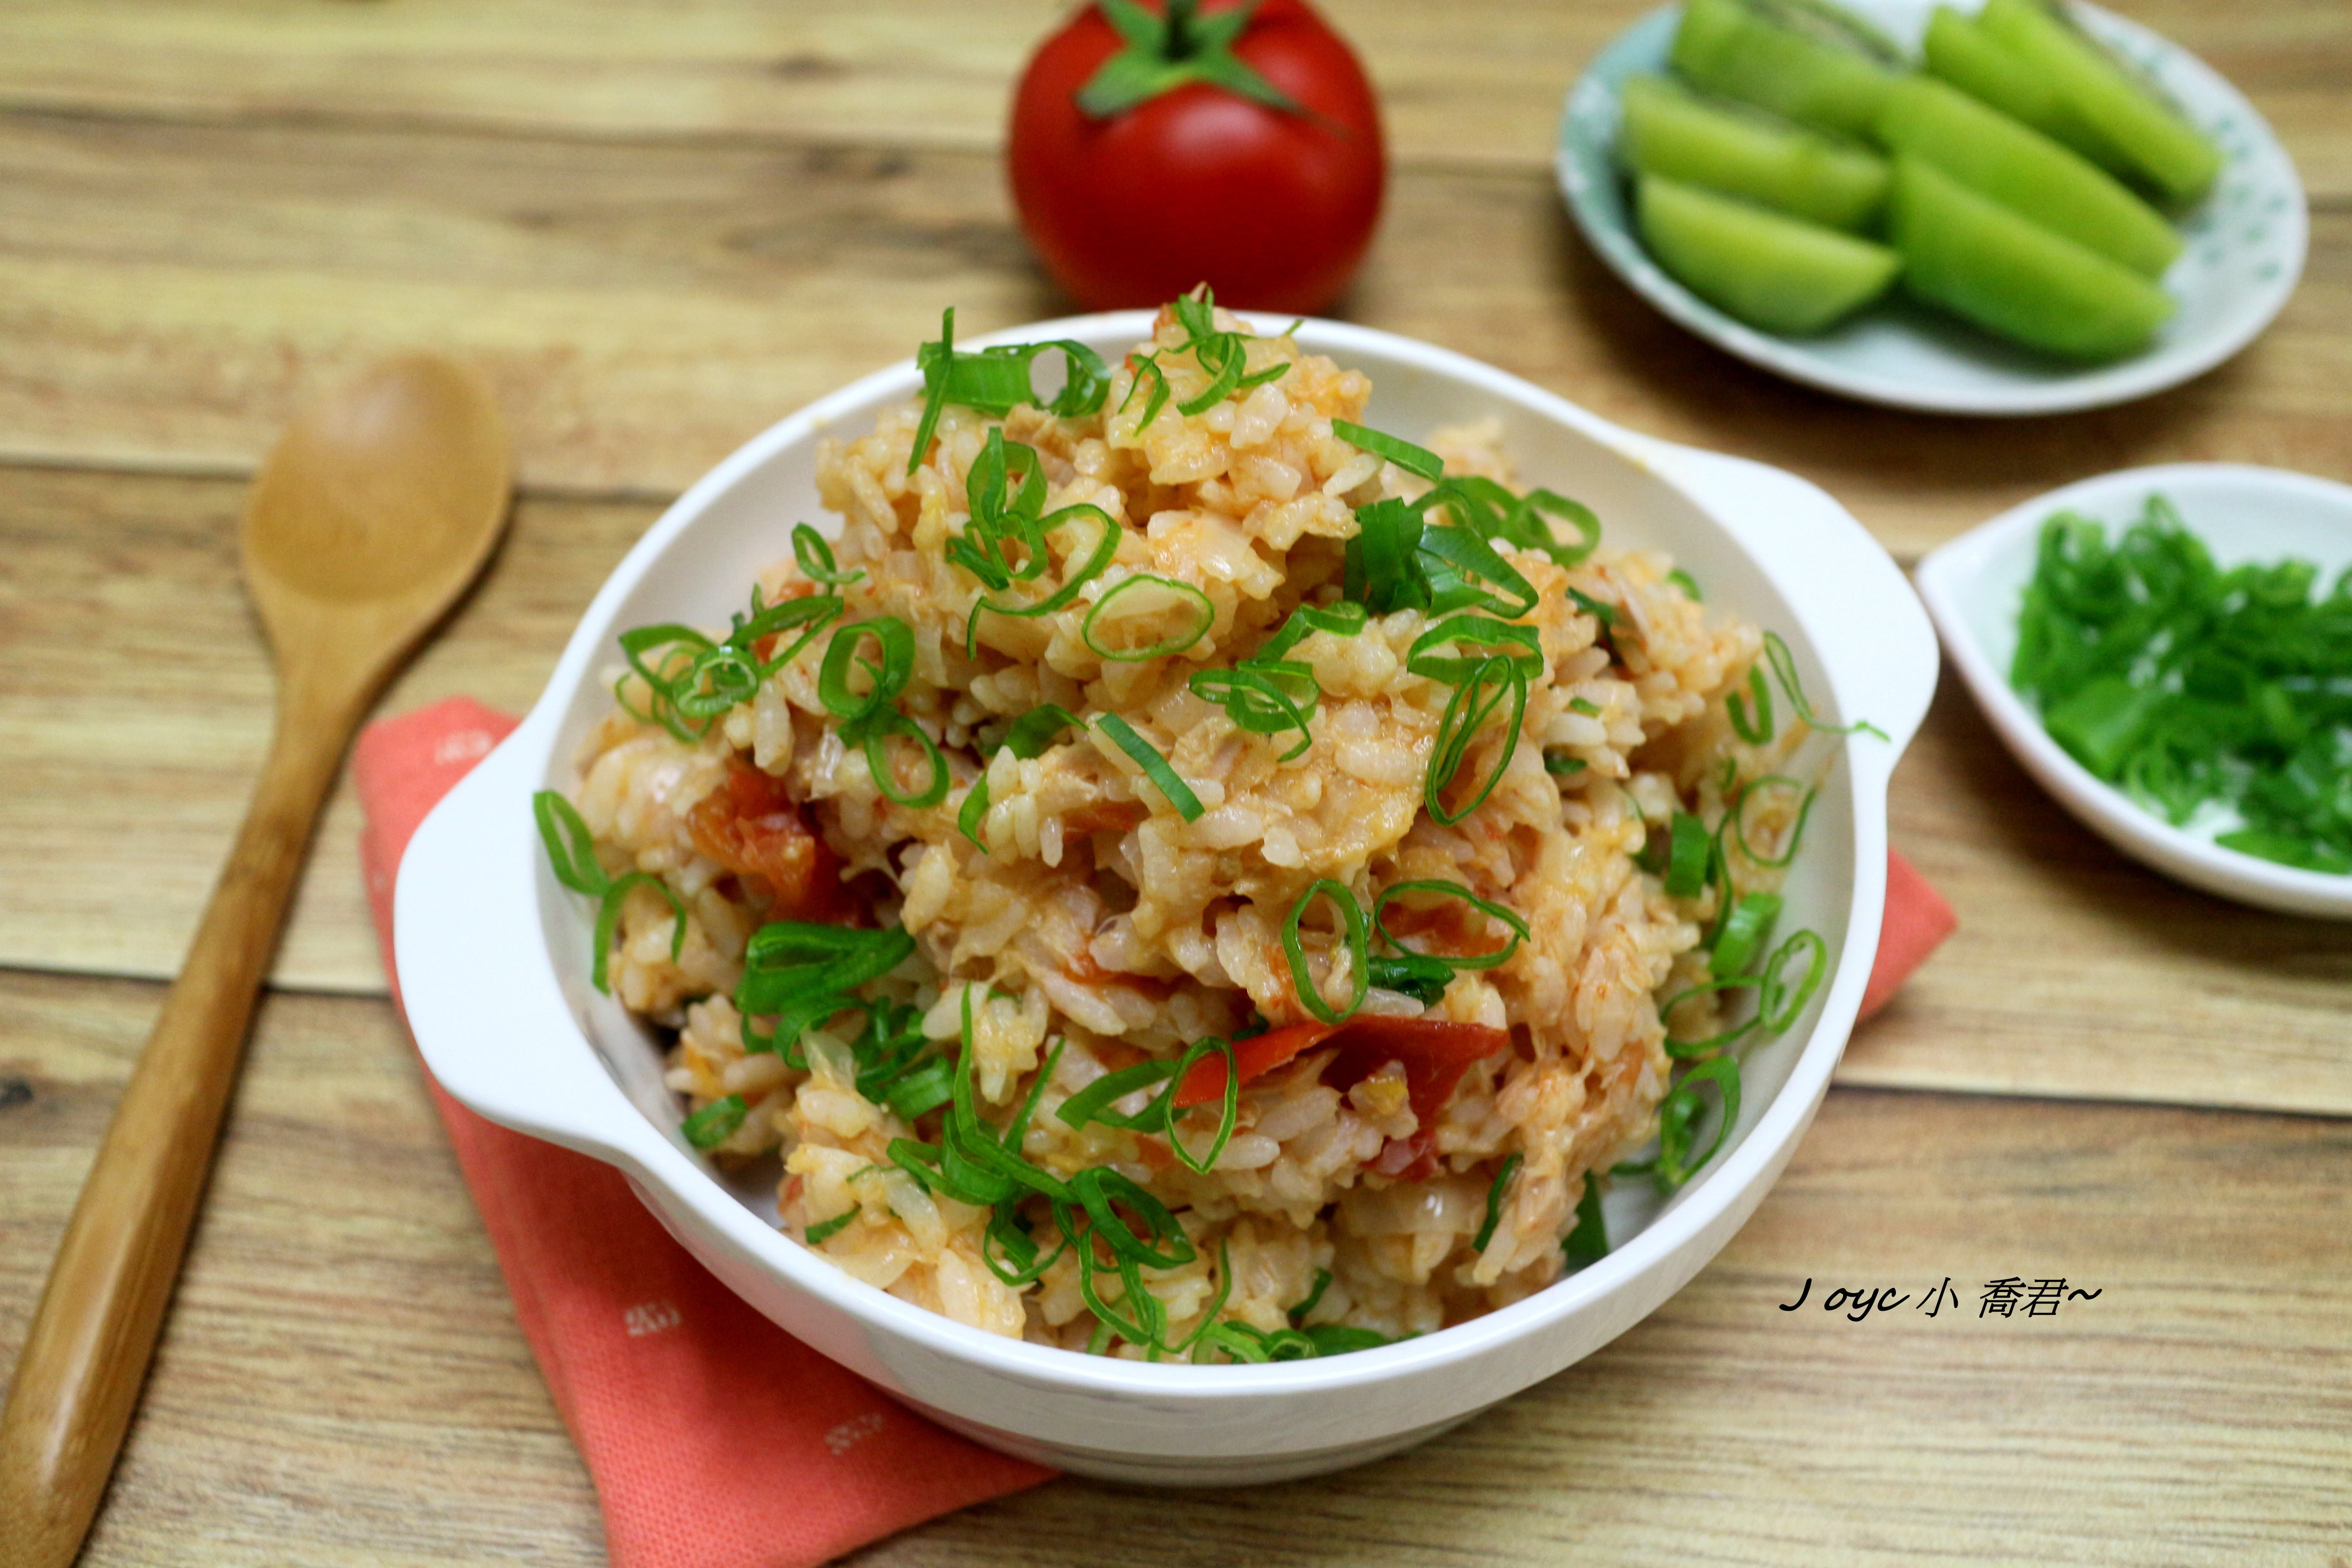 一顆番茄鮪魚飯 (清爽系炊飯)